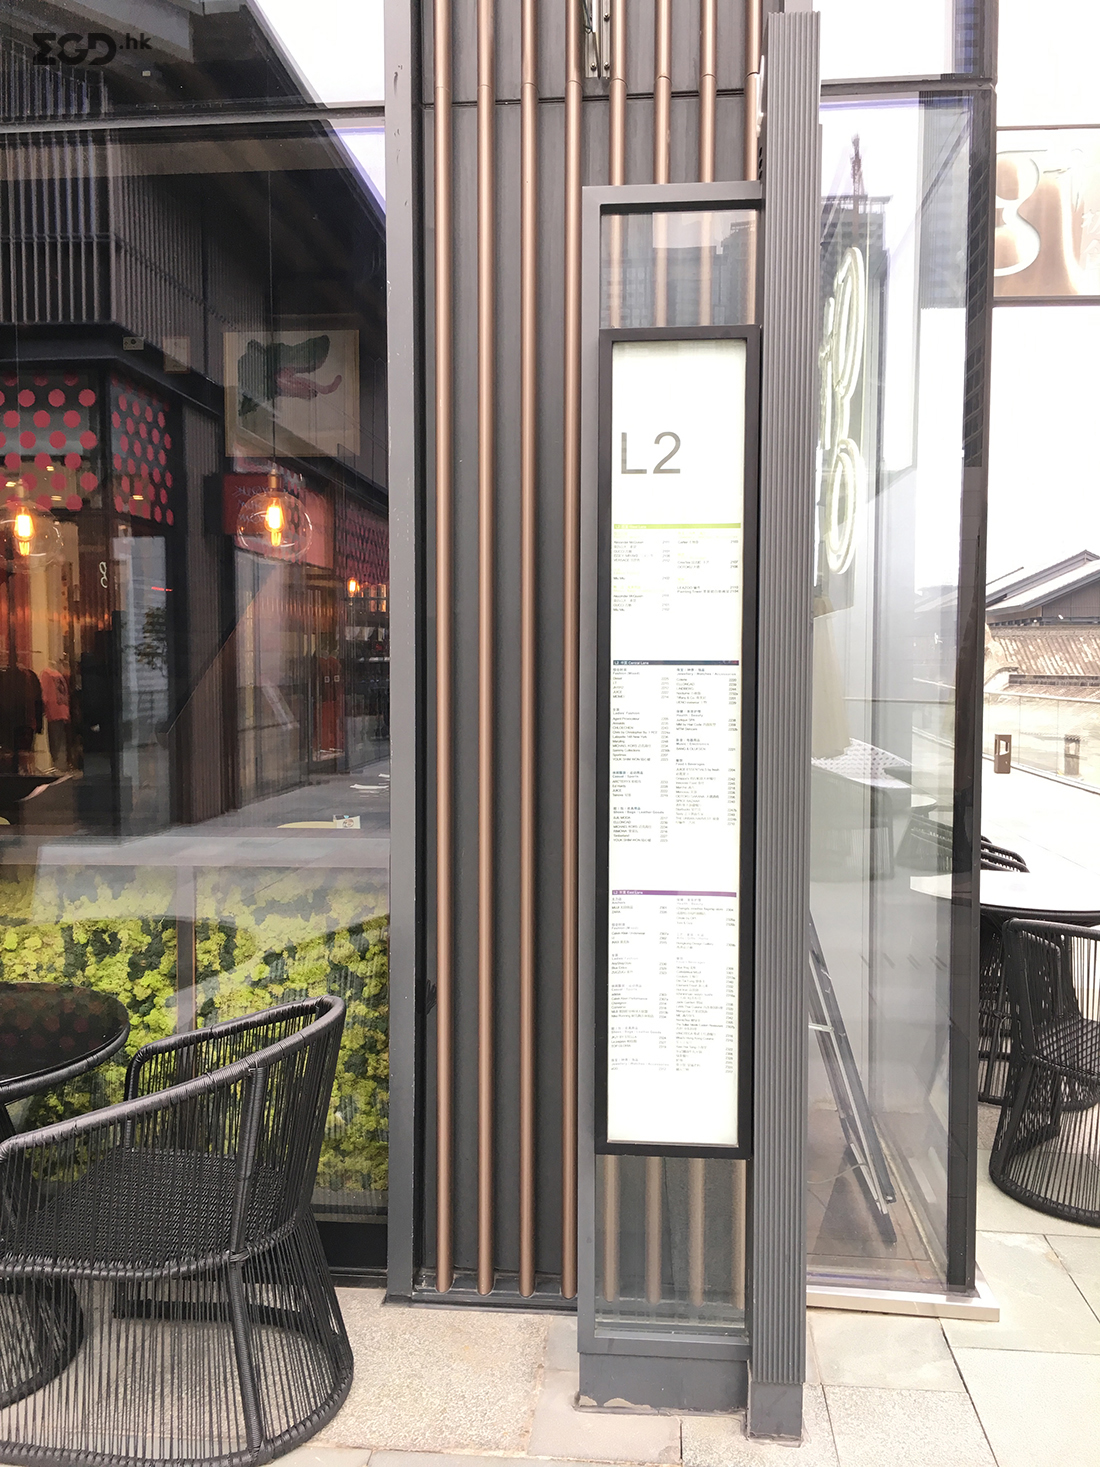 太古里导视,太古里标牌,太古里标识,太古里指示系统,成都购物中心导视设计,商业标识,商场标牌,购物广场导视,商业综合体导视 © EGD行走专辑